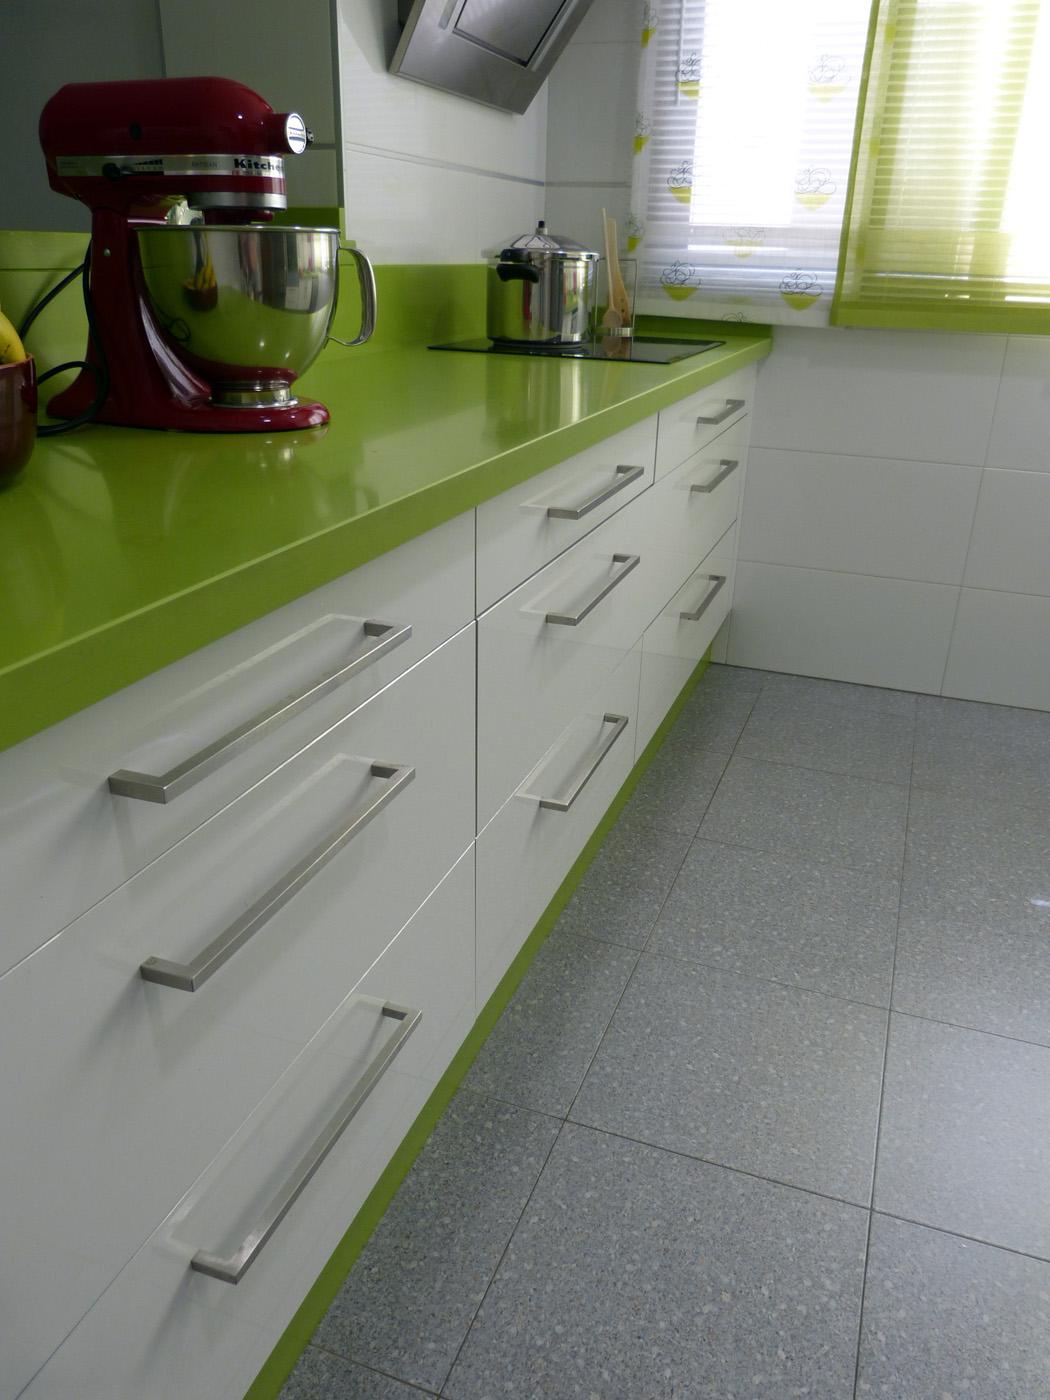 Renueva el look de tu cocina cambiando los tiradores lamiplast - Tiradores de puertas de cocina ...